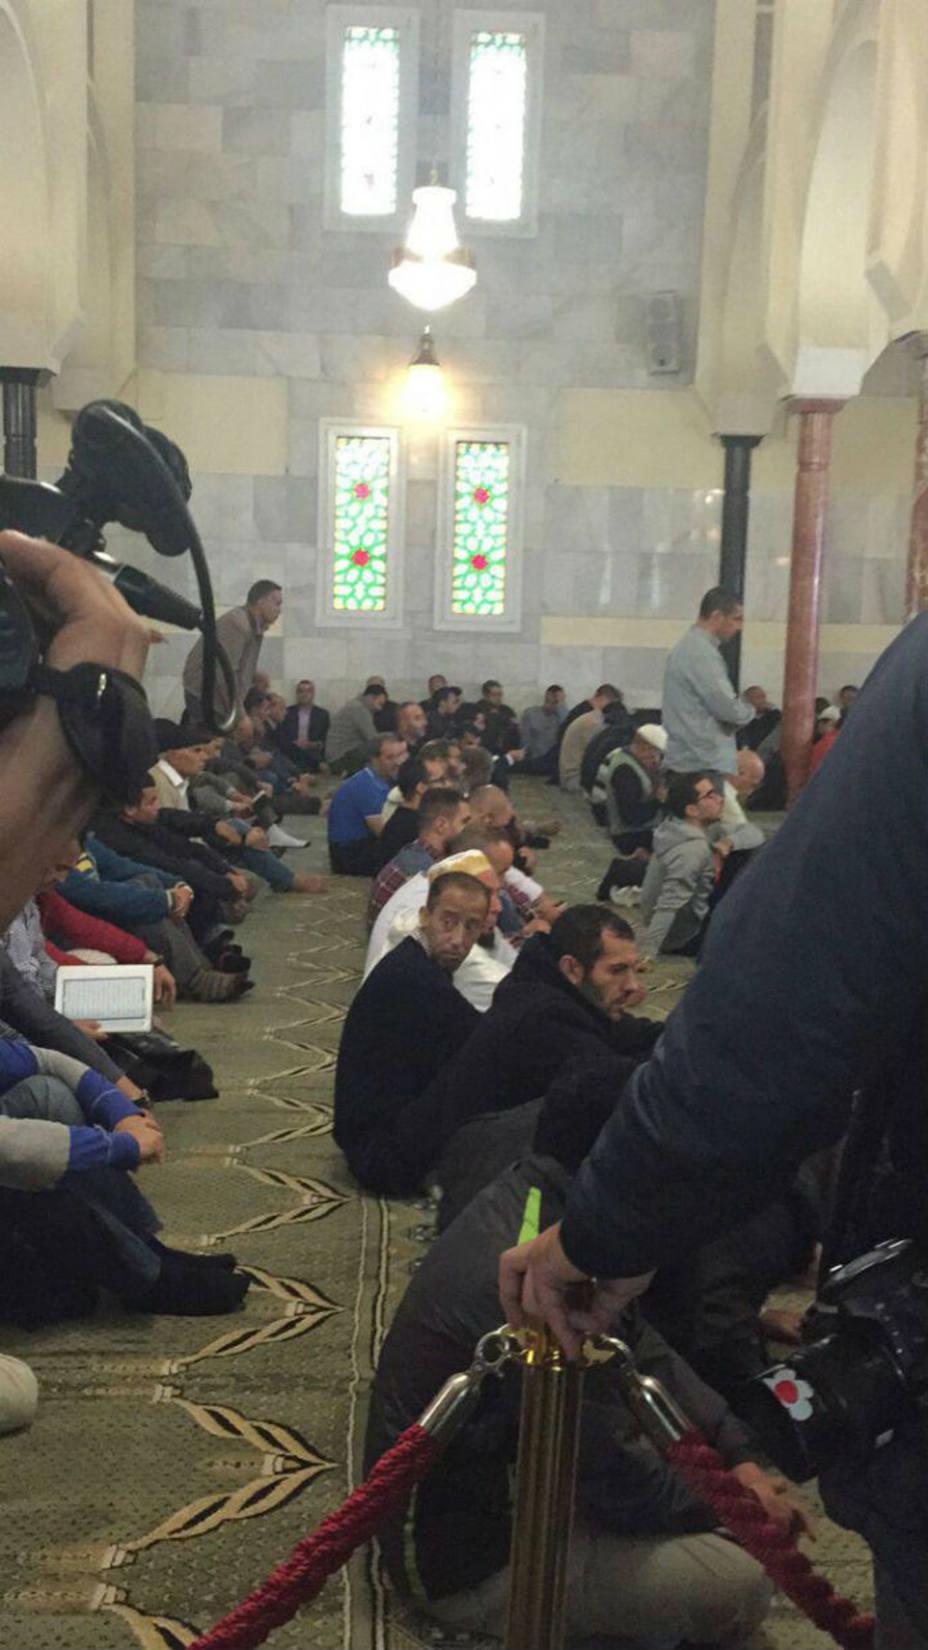 Los jóvenes musulmanes no quieren hablar delante de las cámaras o los micros. Foto Rubén Corral